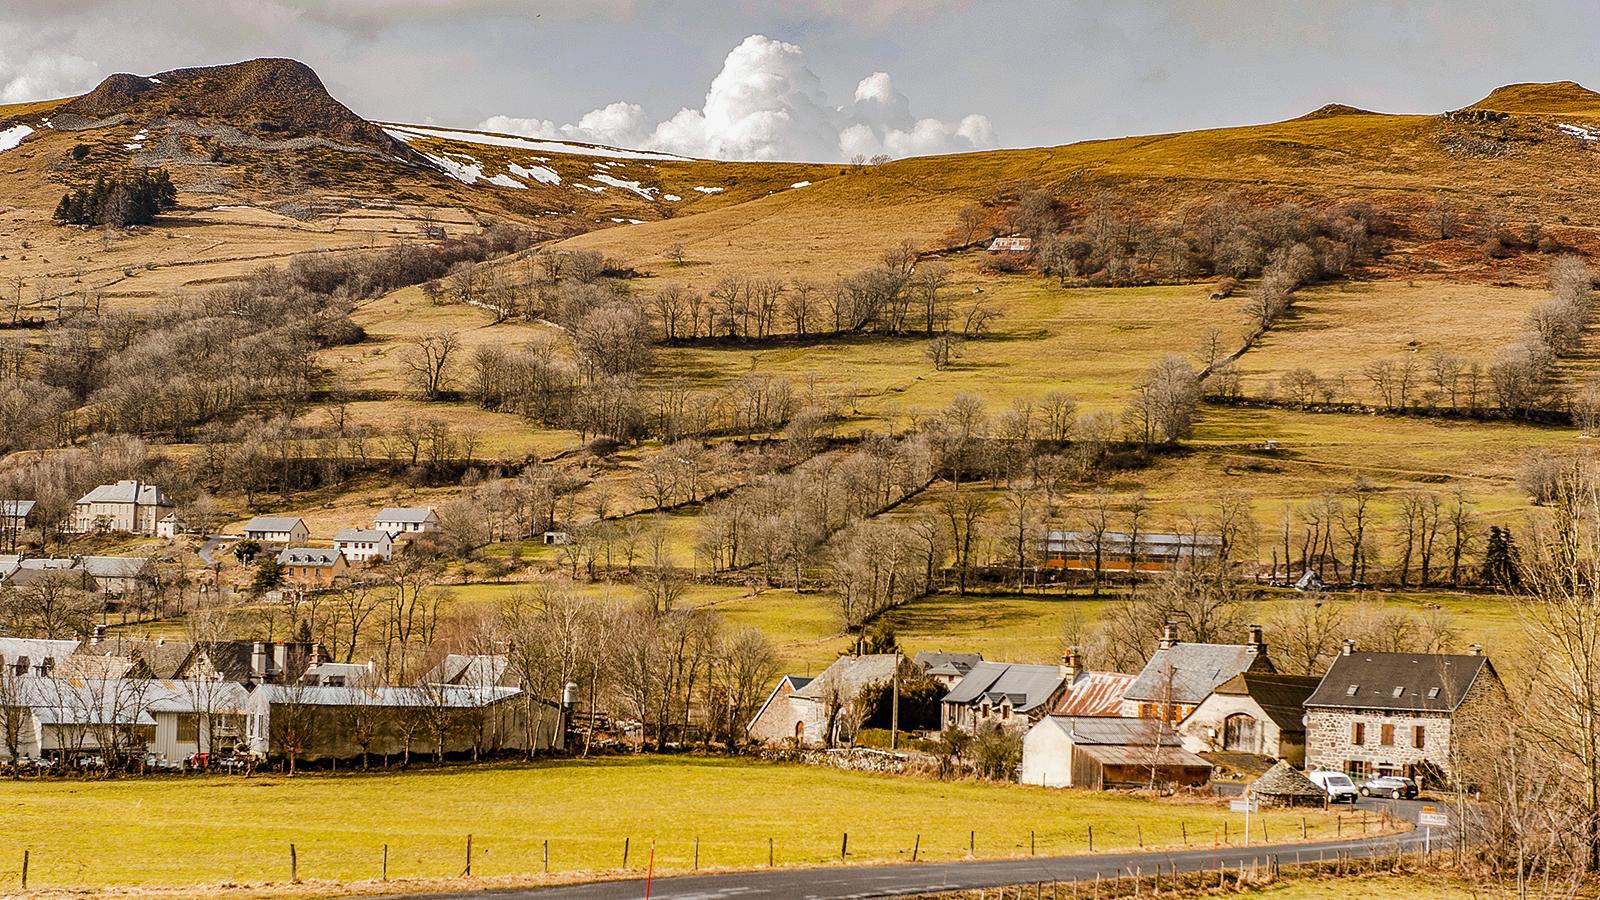 Auvergne: Landschaft bei Dienne. Foto: Hilke Maunder